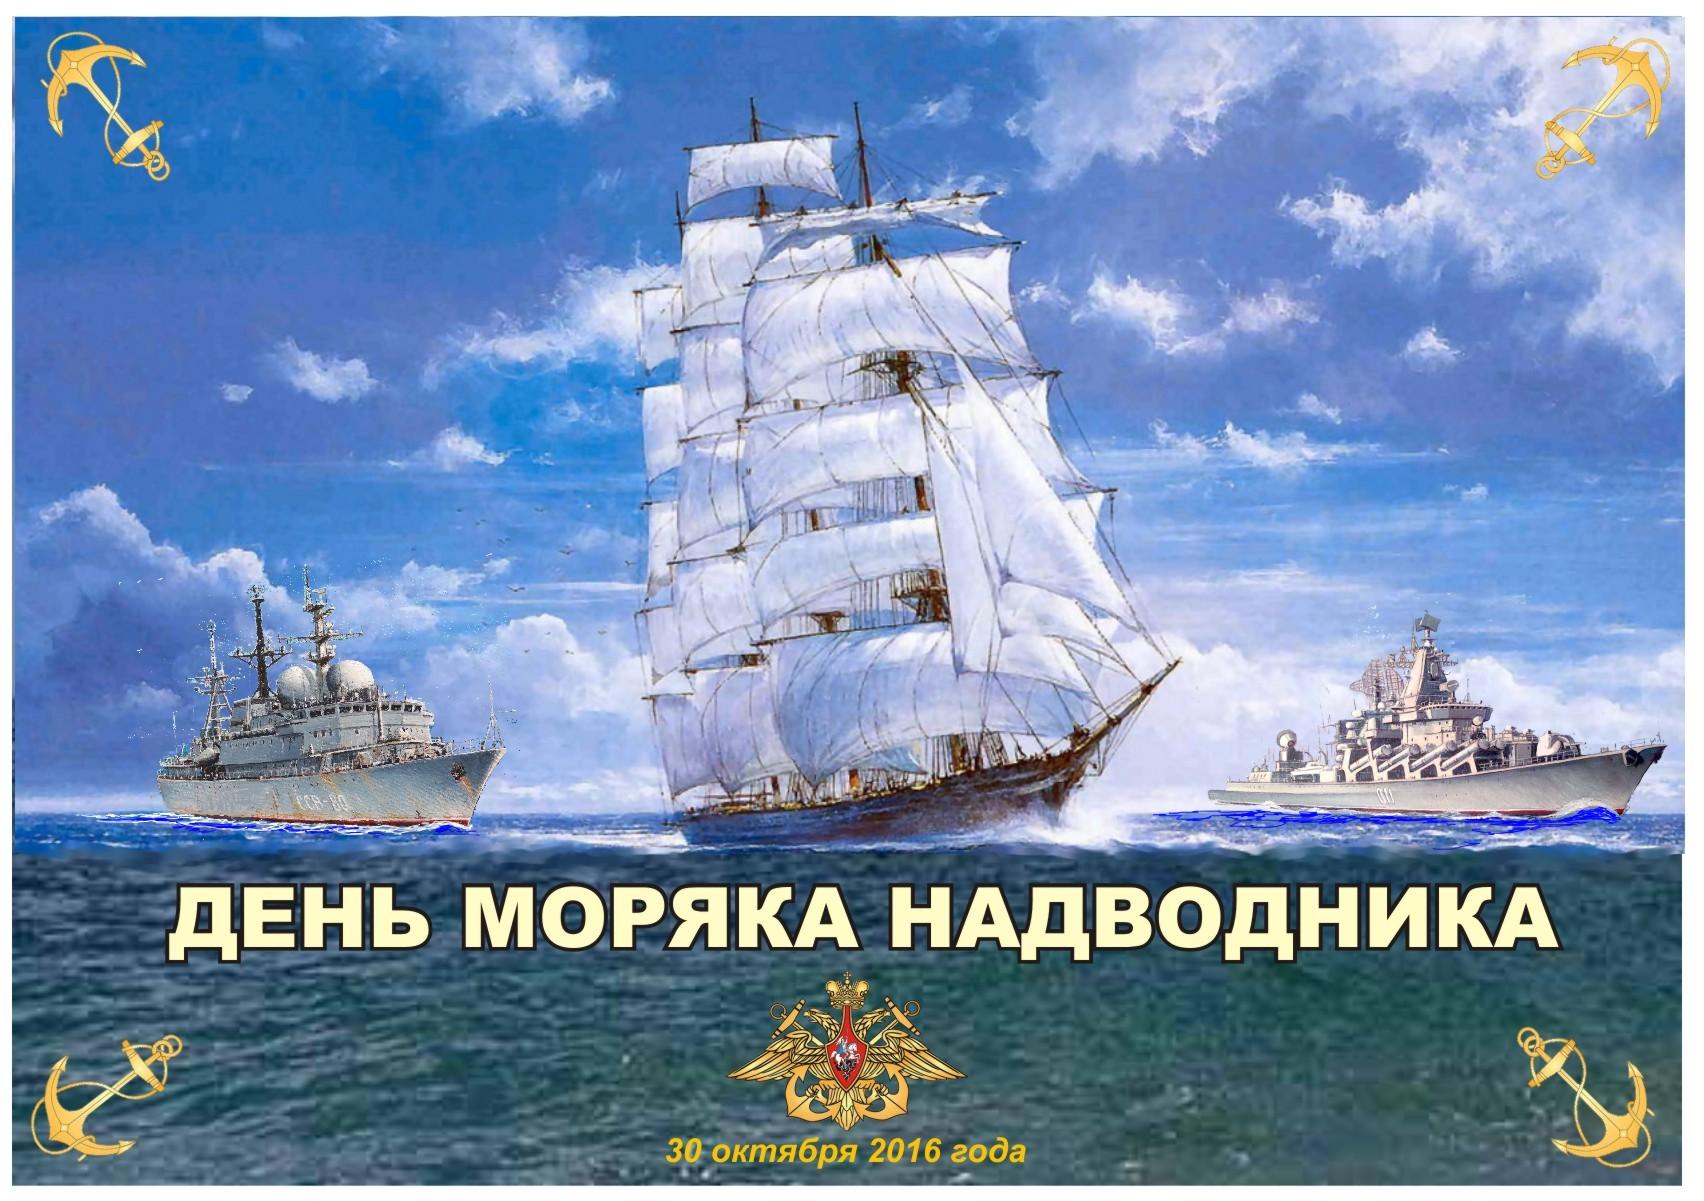 Поздравления своими словами с днем моряка